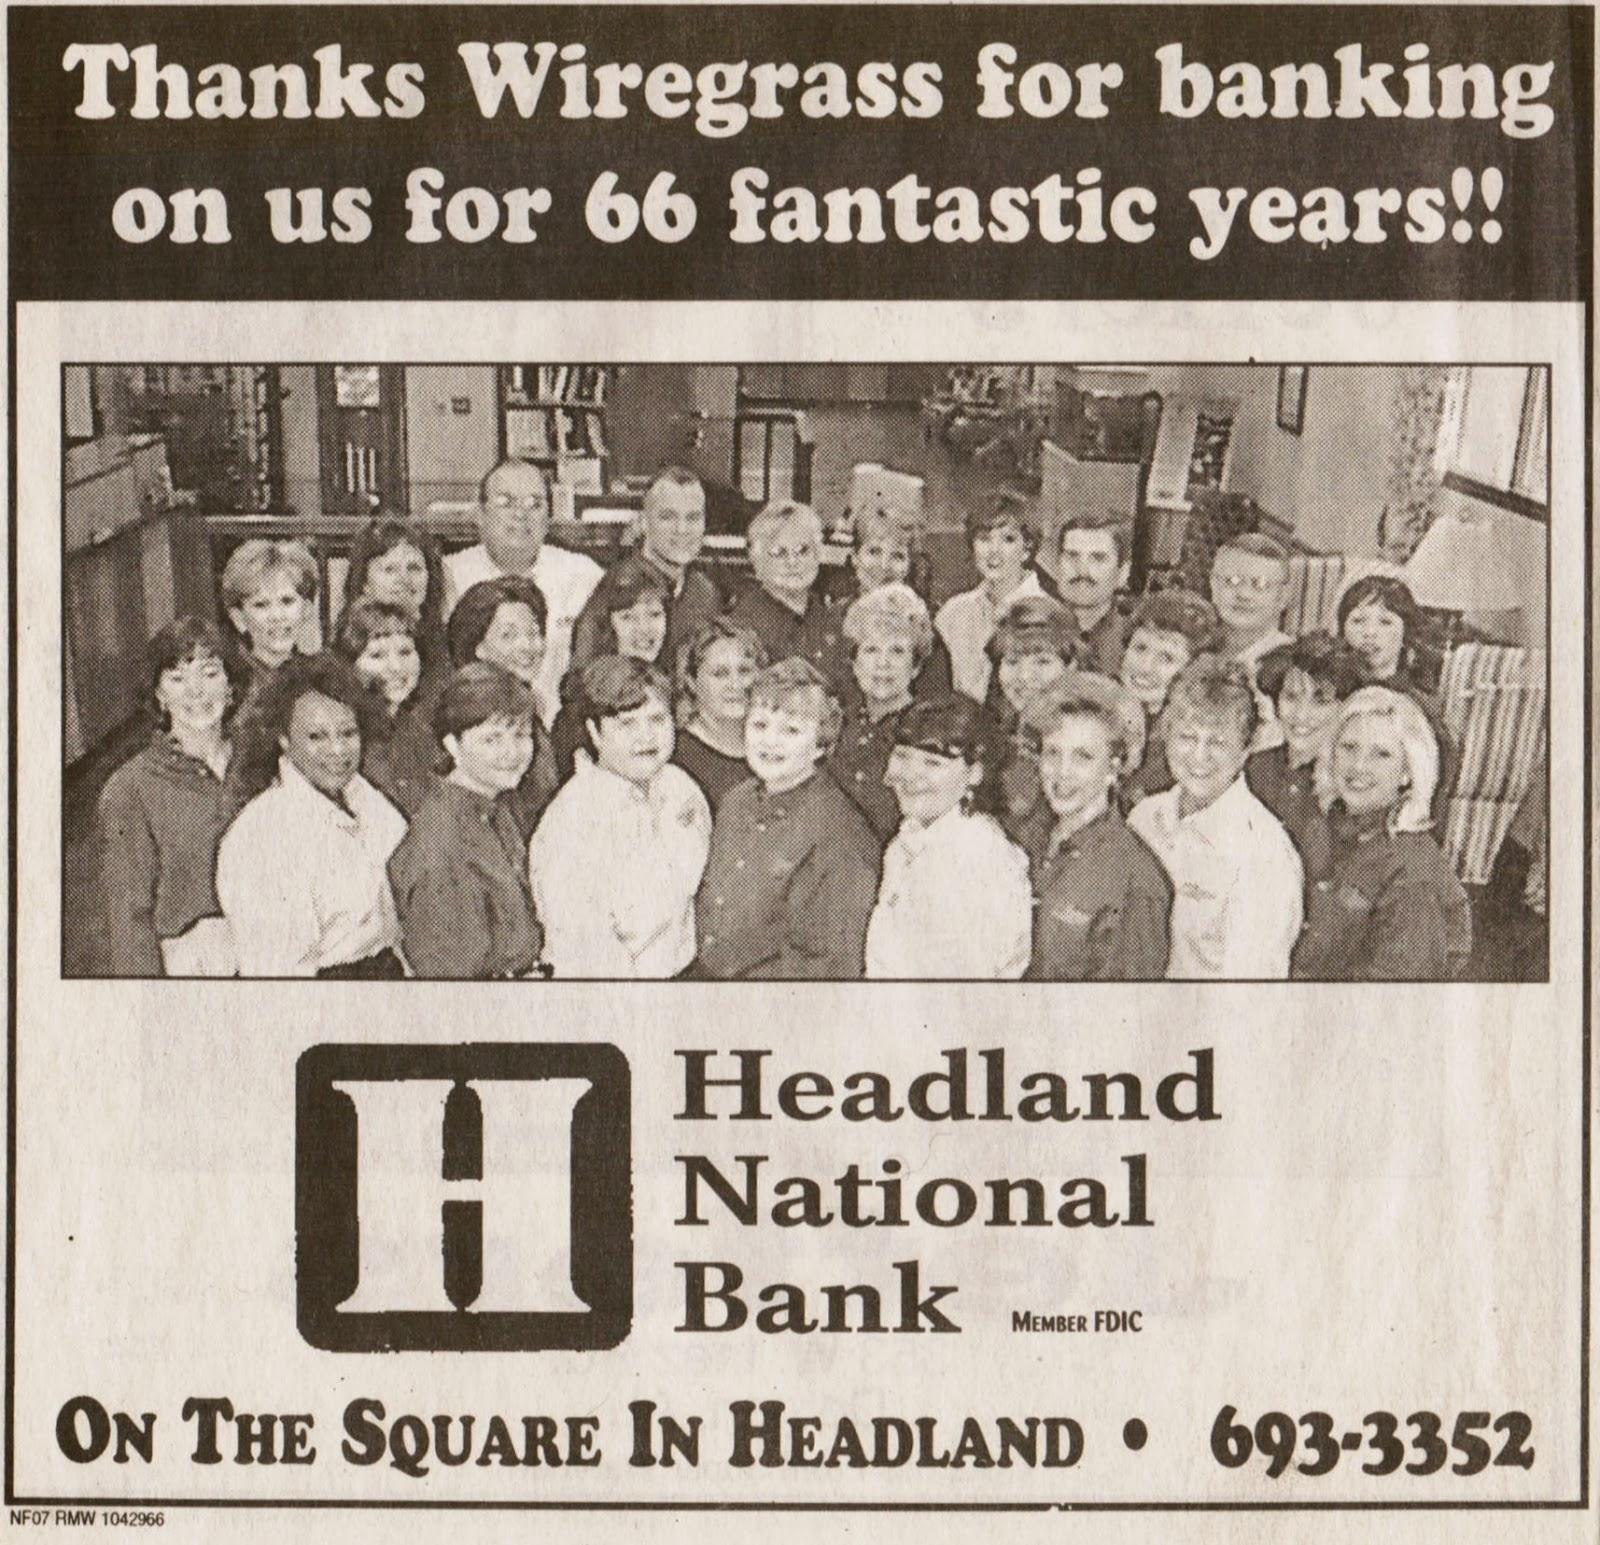 Years at HNB